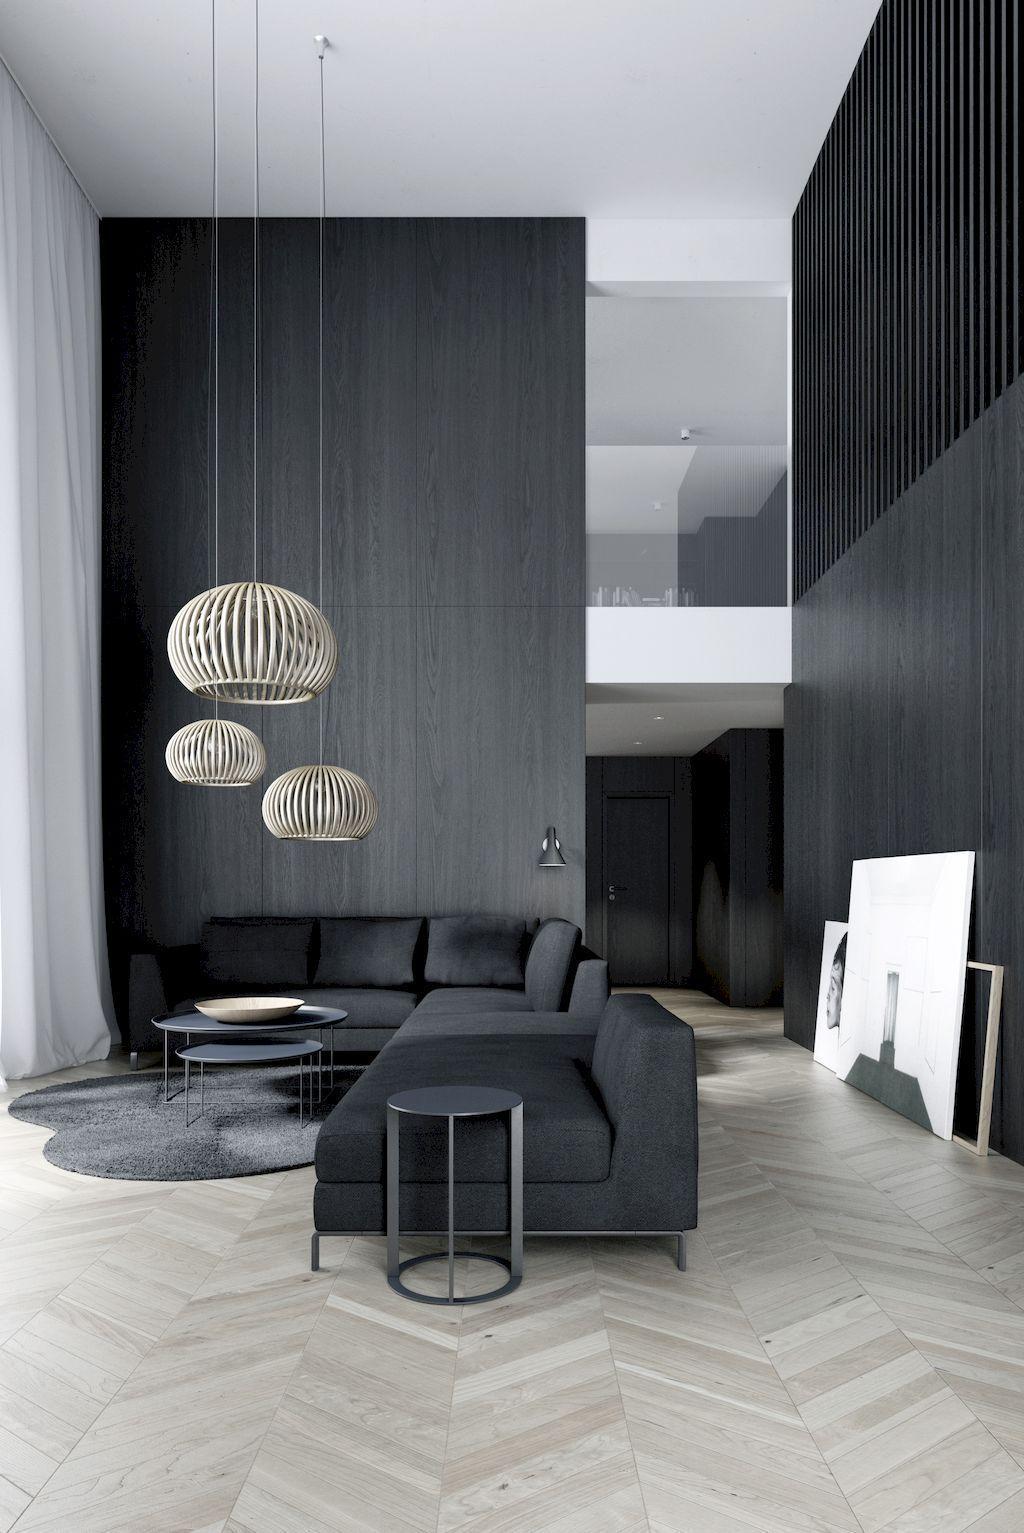 50 Modern Minimalist Living Room Ideas Minimalism Interior Minimal Interior Design Modern Minimalist Living Room